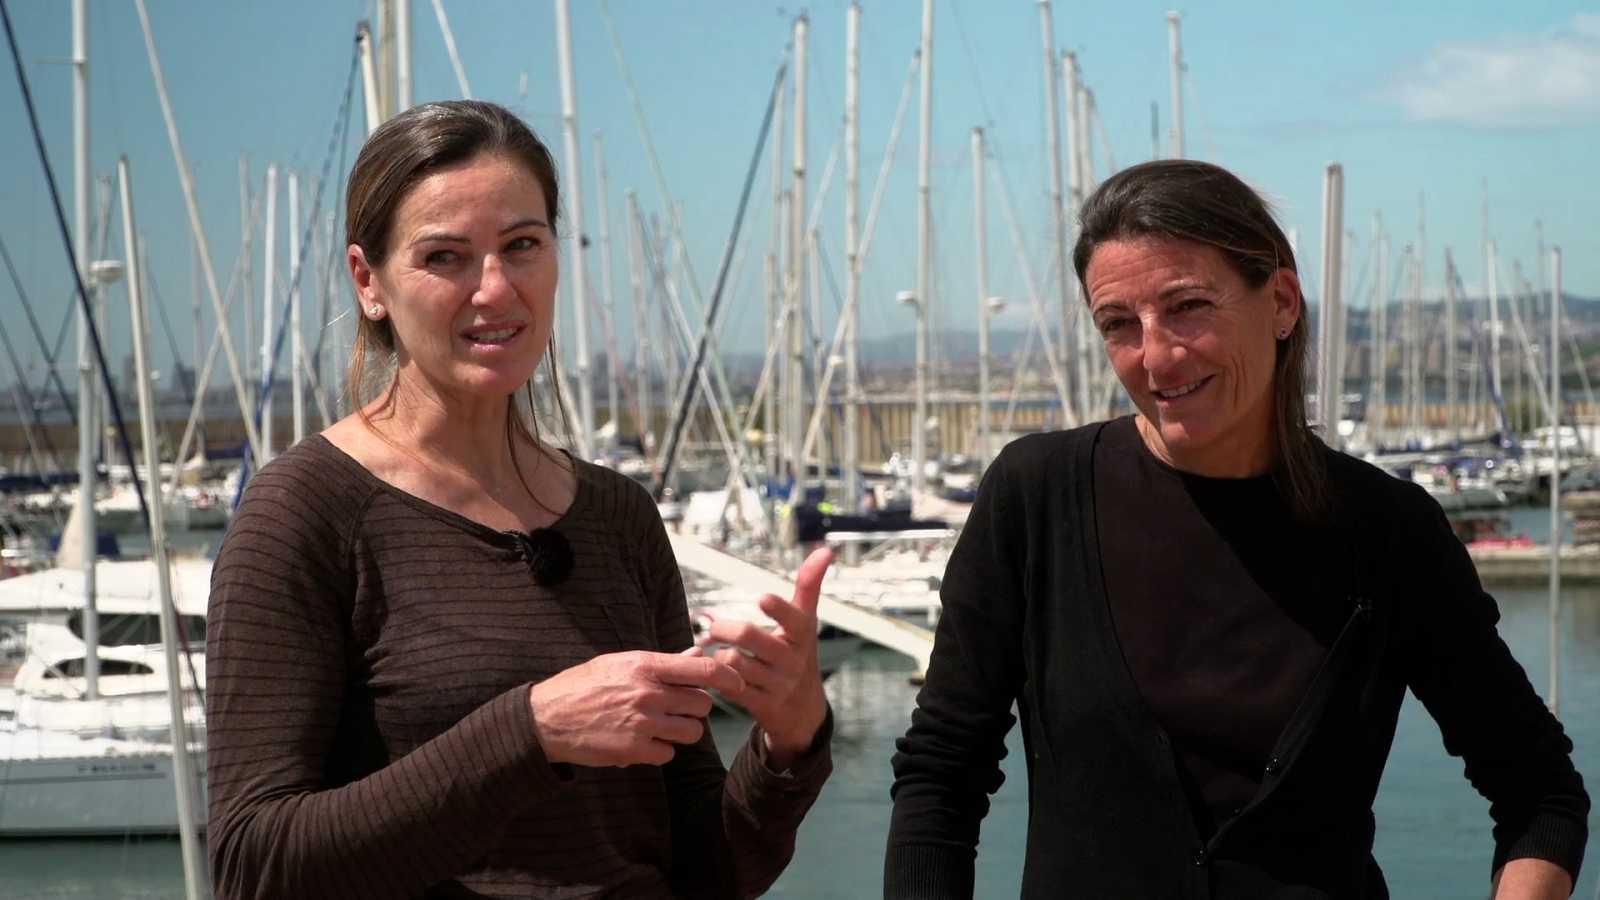 Orgullo de medalla - Programa 18: Natalia Vía, plata en Barcelona 92 y Atenas 2004 y Sandra Azón, plata en Atenas - ver ahora